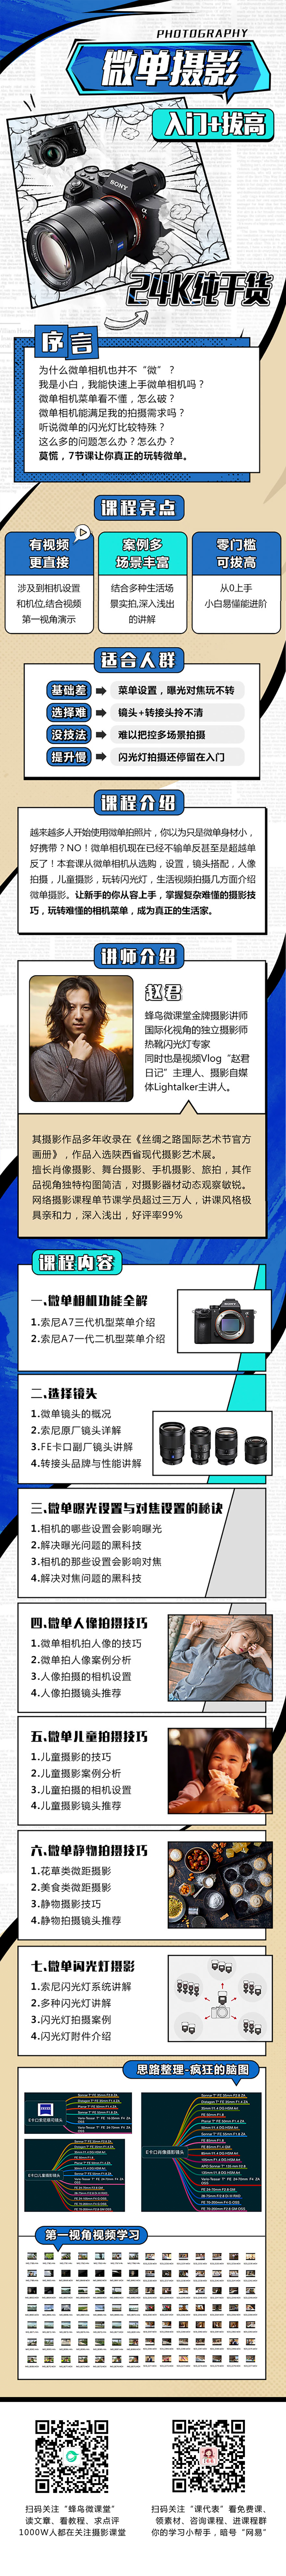 微单课-赵君-1080.jpg